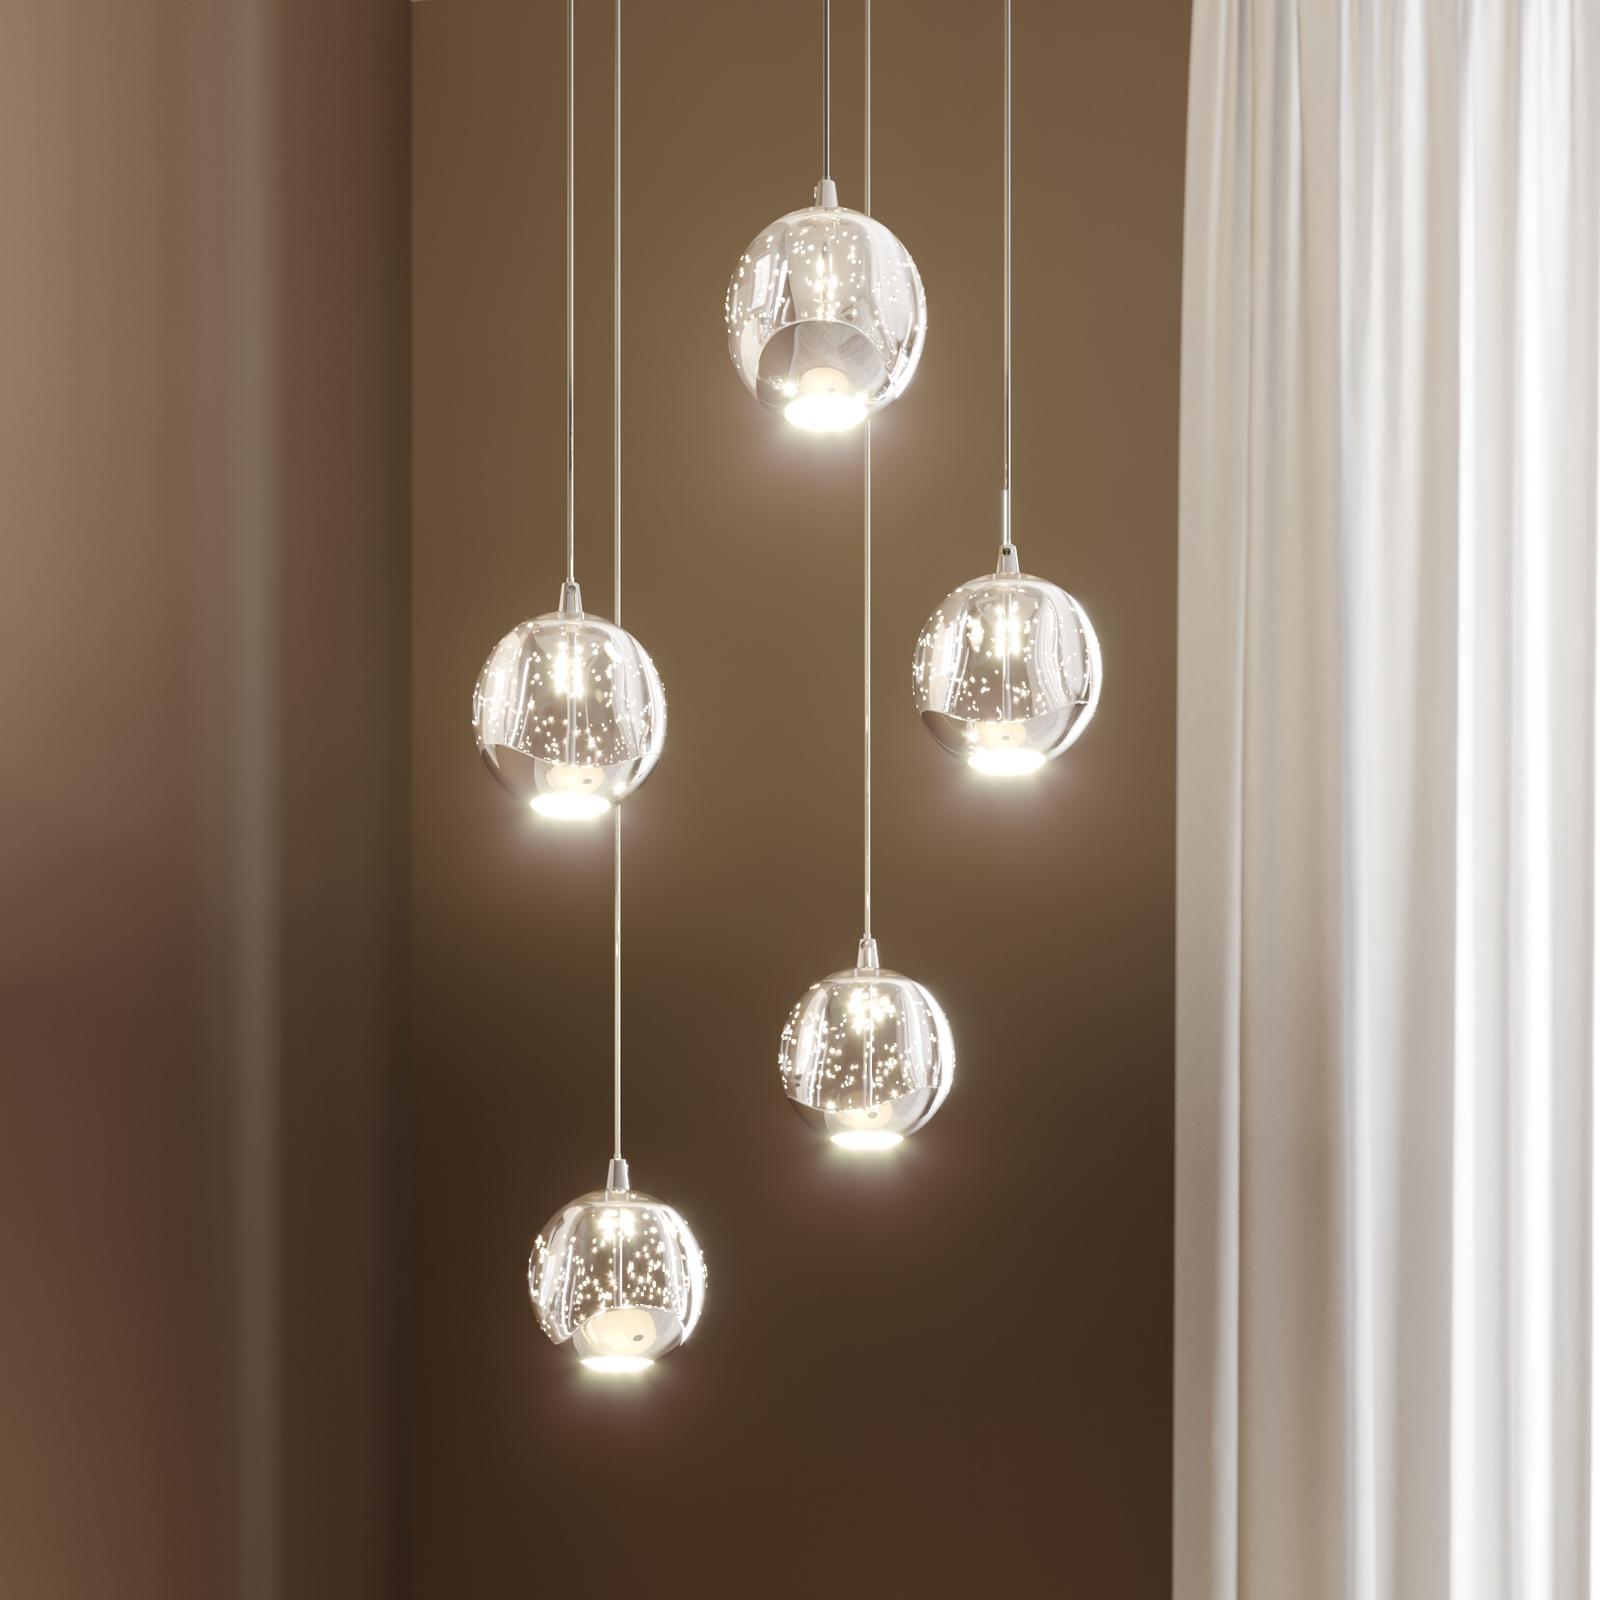 LED-riippuvalo Hayley 5-lampp. pyöreä kromi